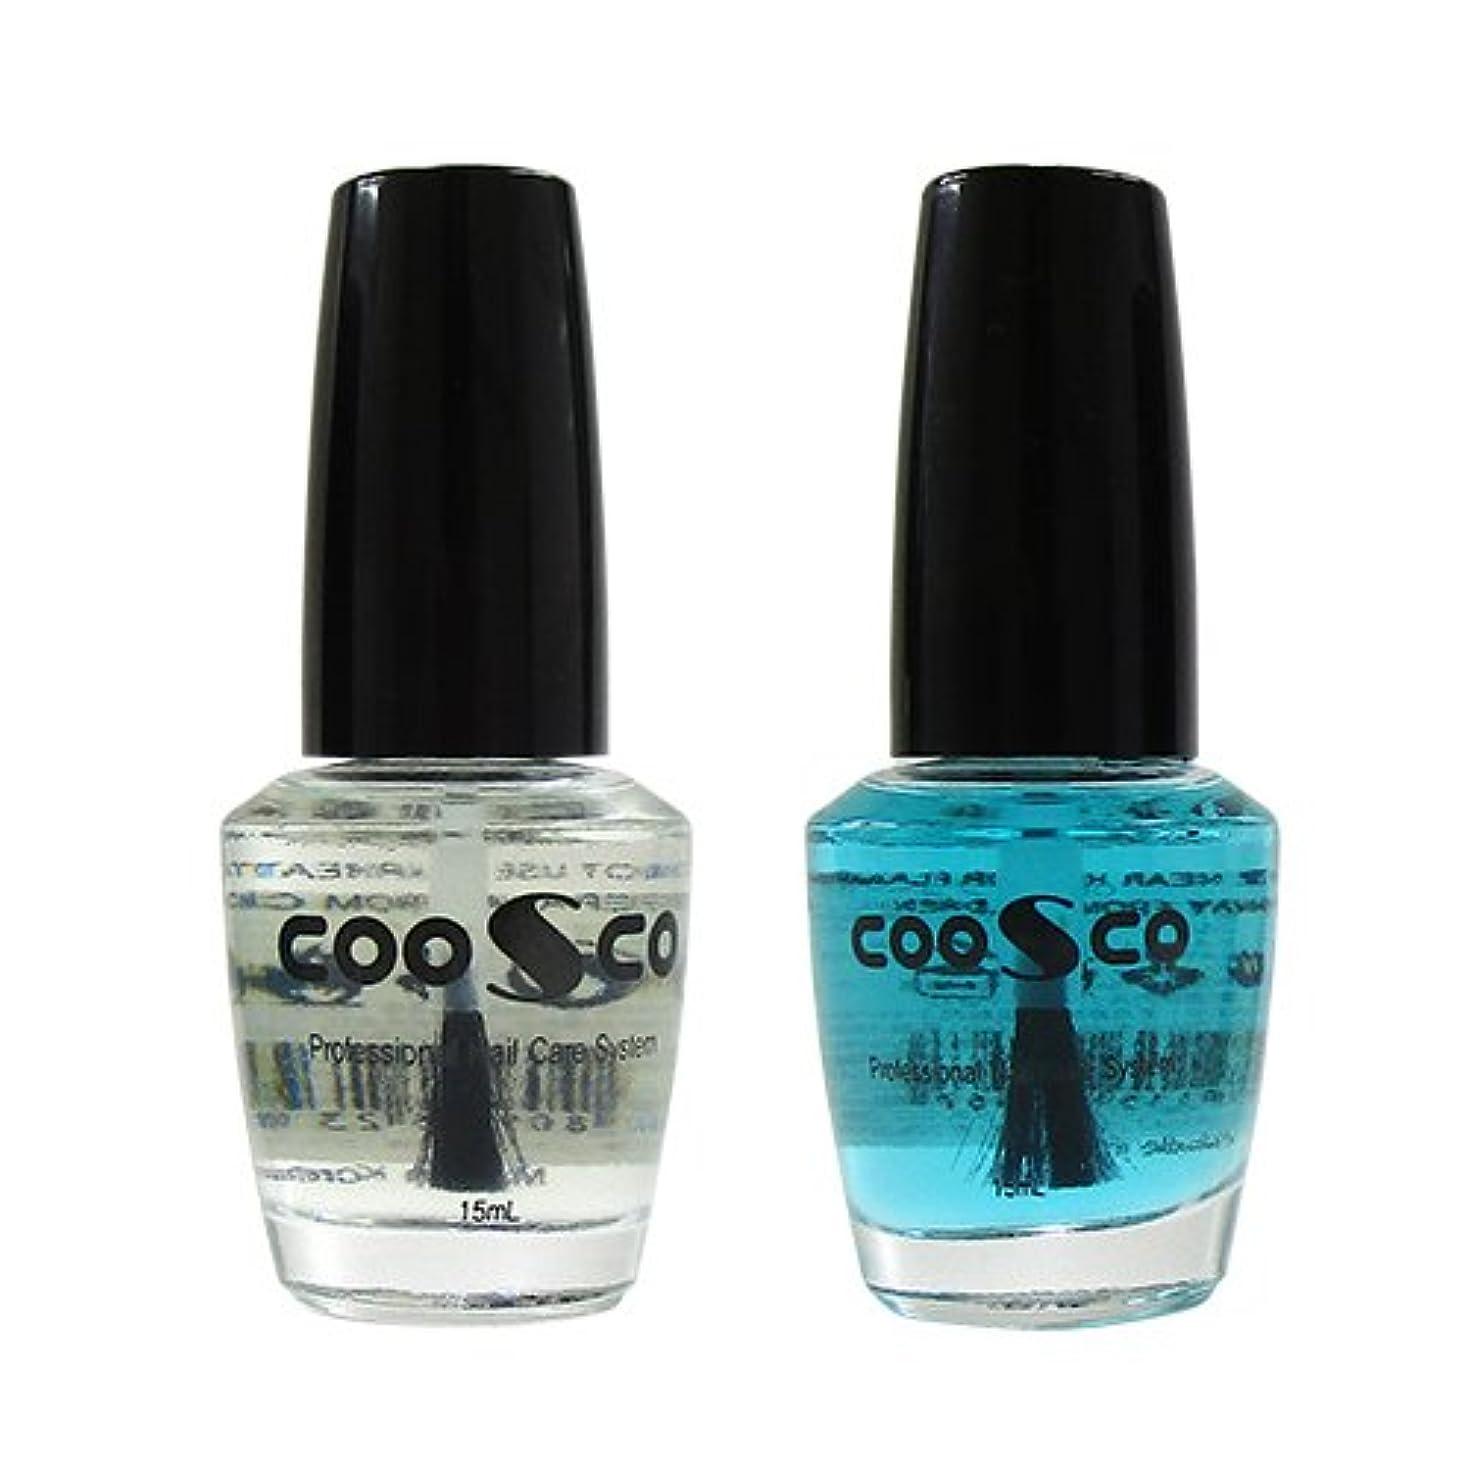 ラウンジ貫入底チェスネイル用 CCトップコート×50個セット ※カラーは当店おまかせ! (COOSCO Professional Nail Care System CC Top Coat) 15mL